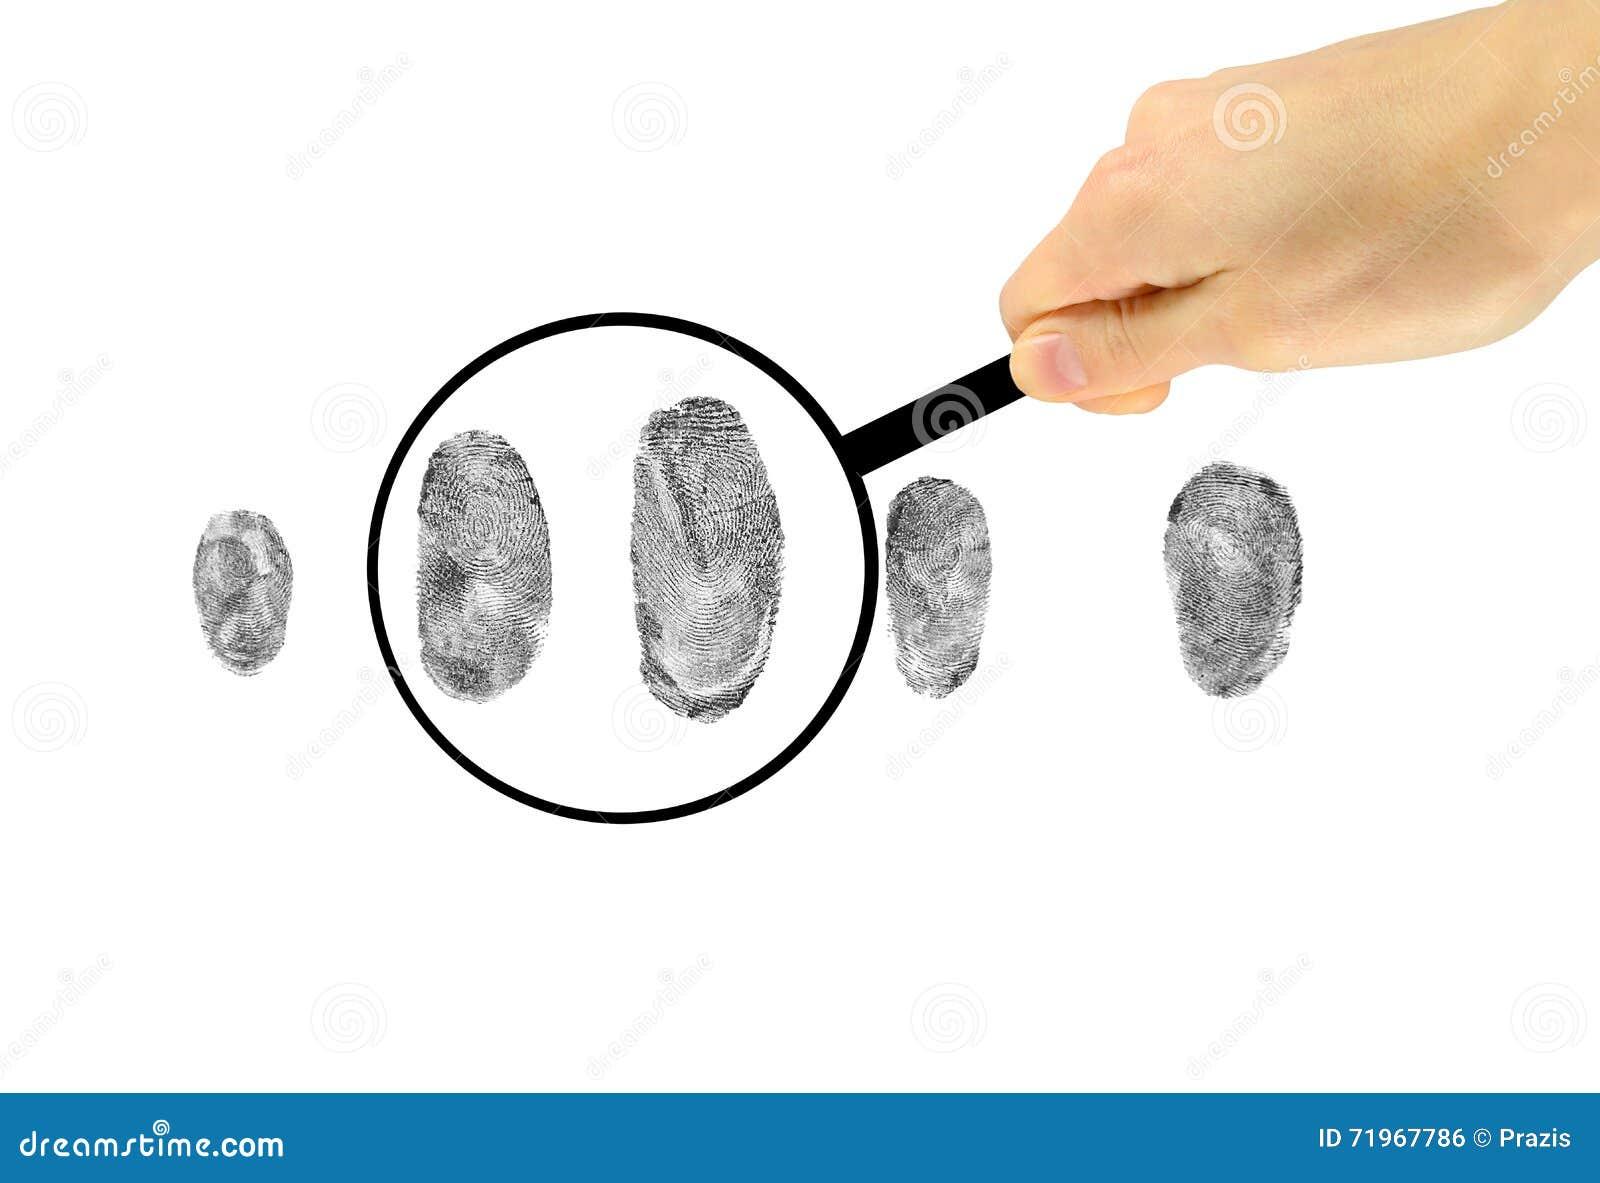 Prufung Von Fingerabdrucken Unter Einer Lupe Stockfoto Bild Von